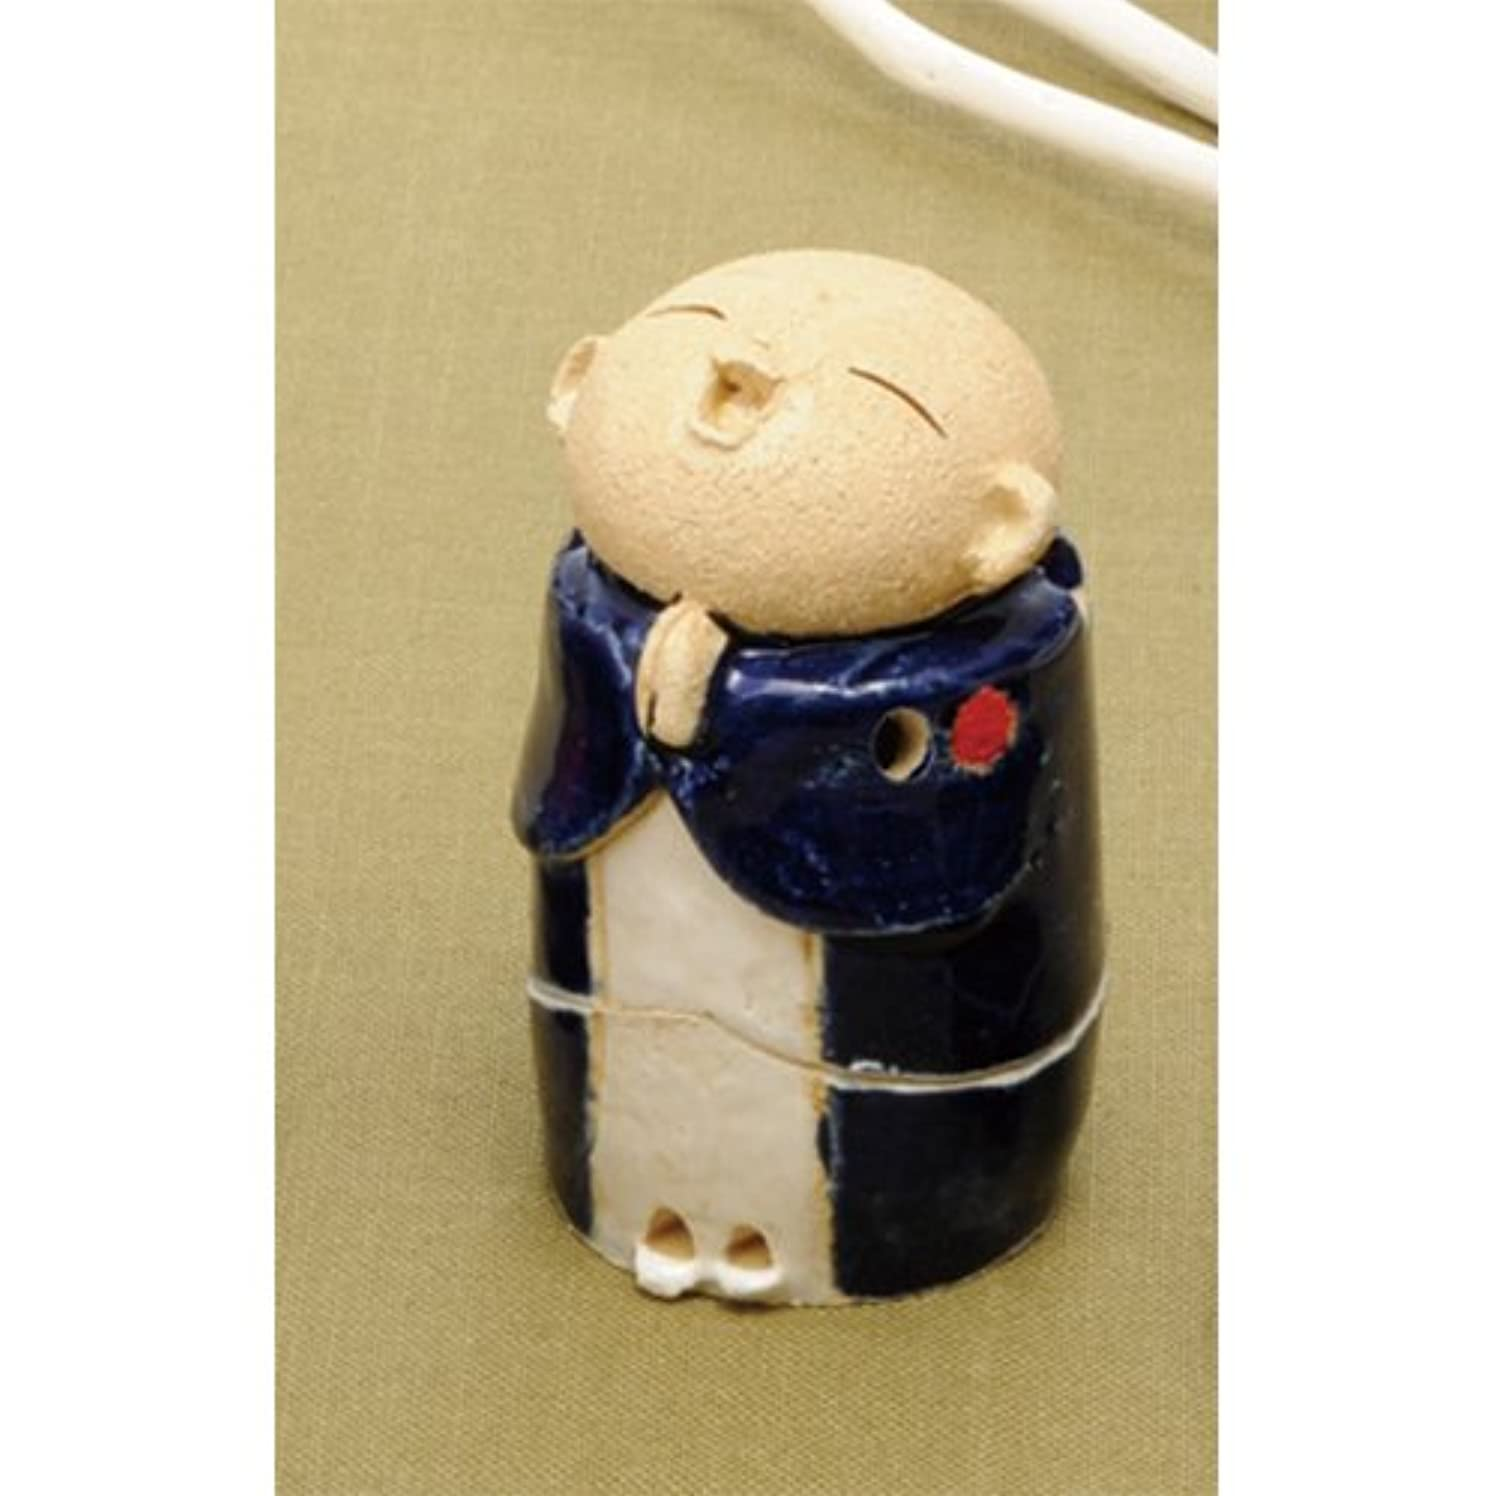 花輪拡声器エアコンお地蔵様 香炉シリーズ 青 お地蔵様 香炉 2.8寸 [H8.5cm] HANDMADE プレゼント ギフト 和食器 かわいい インテリア